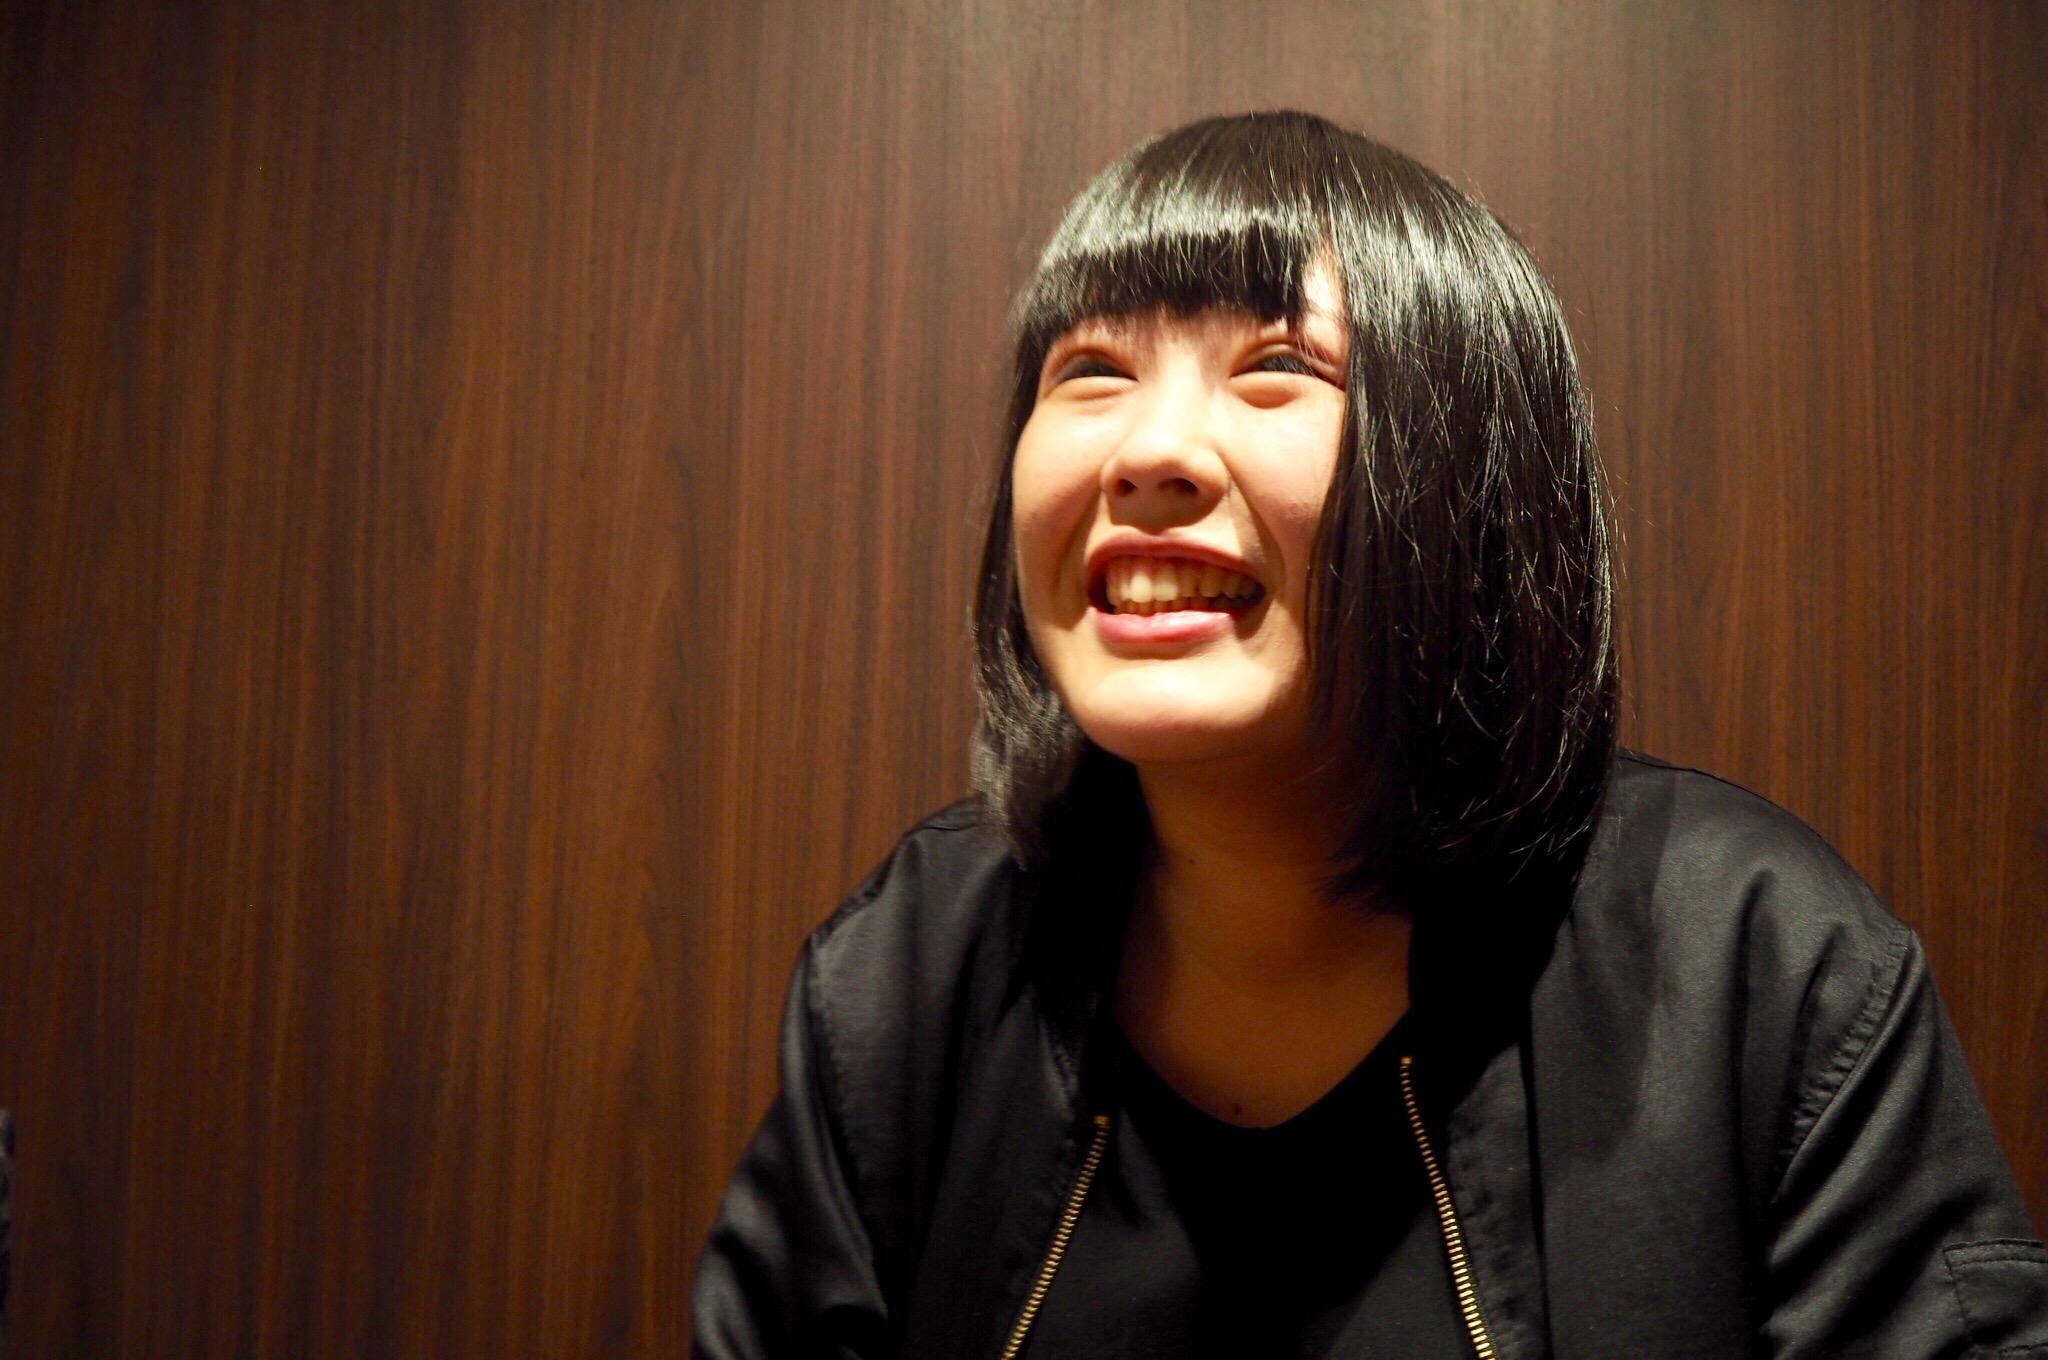 青空アバンティ・りるささん(高校卒業したばっかり)